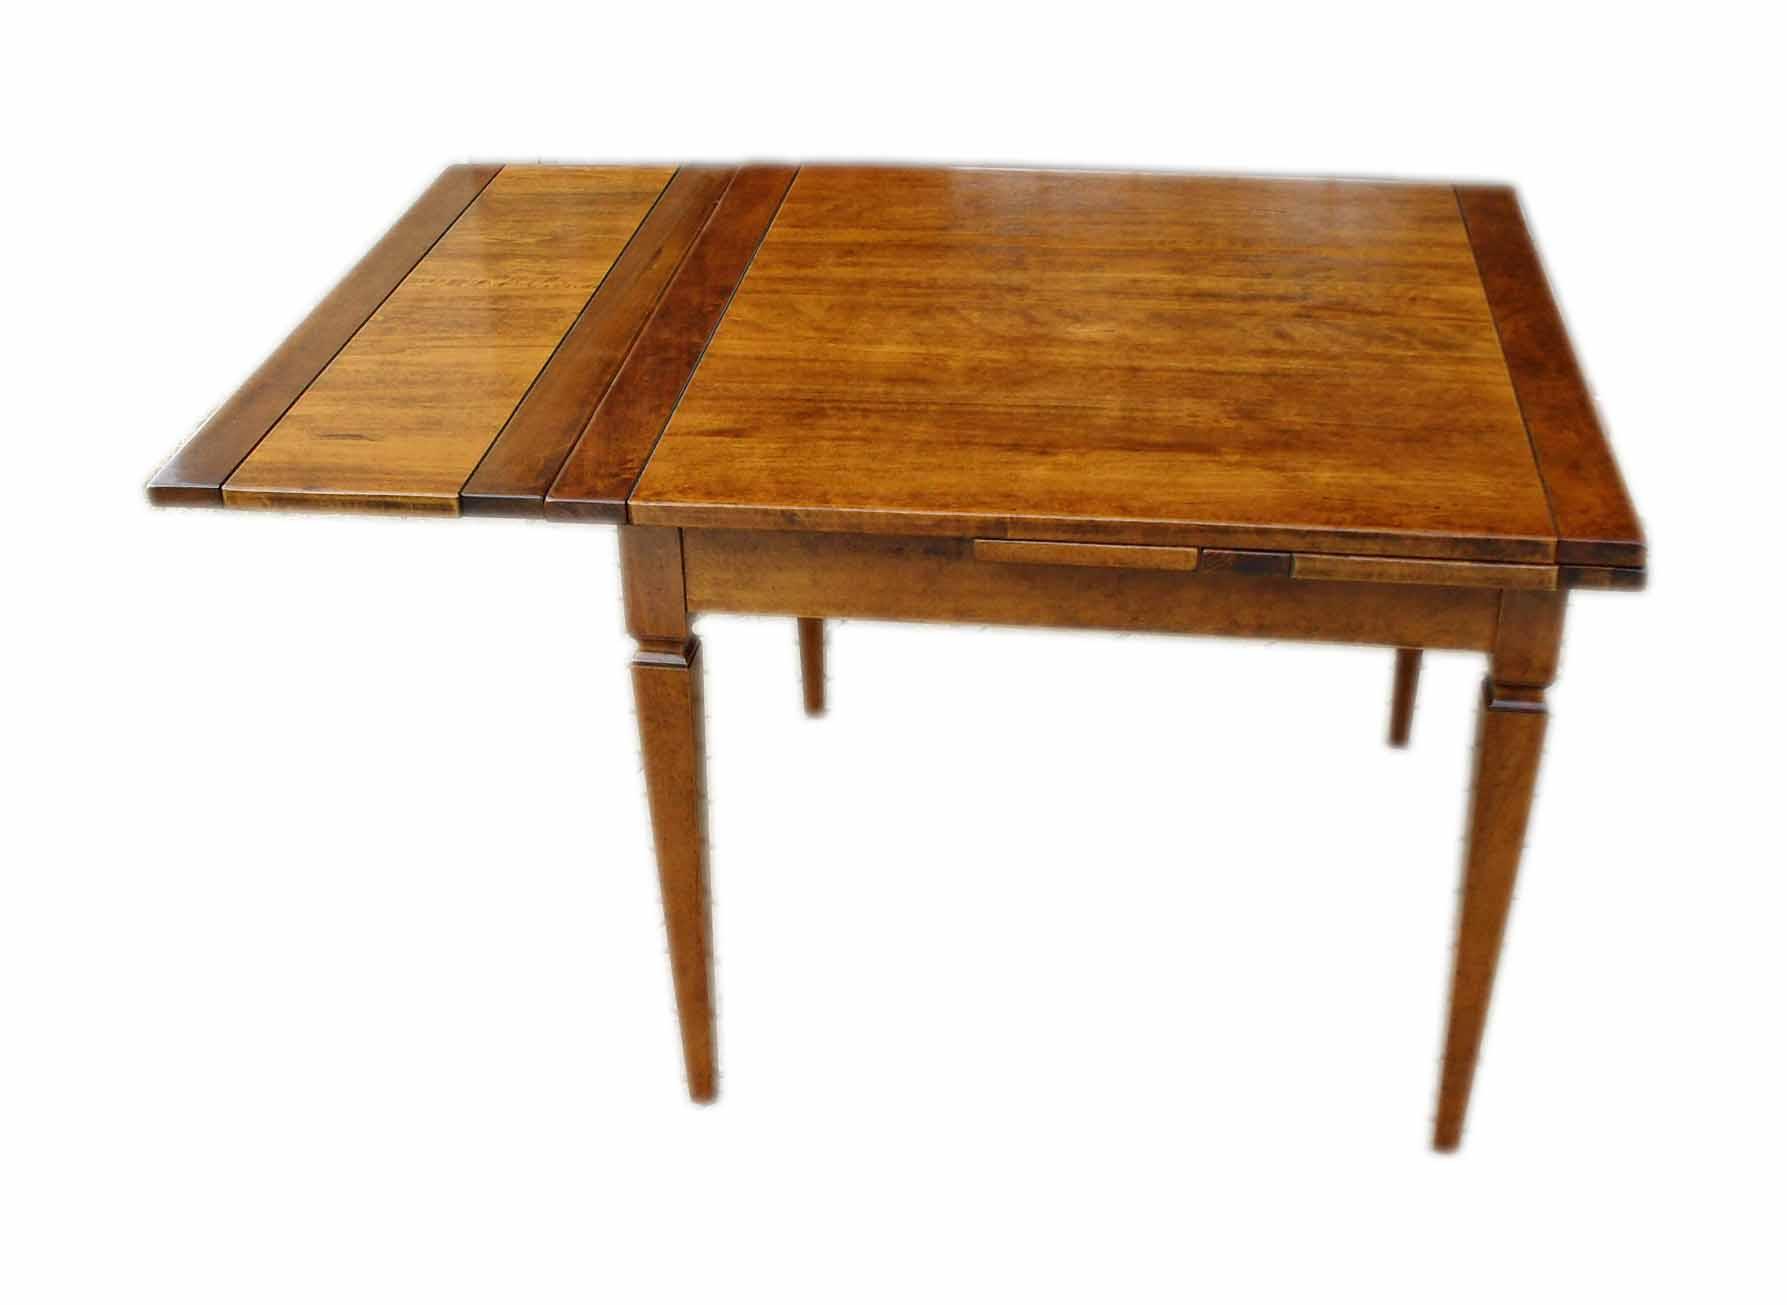 Tavolo in legno massello allungabile a tiro con gamba luigi sedici ...